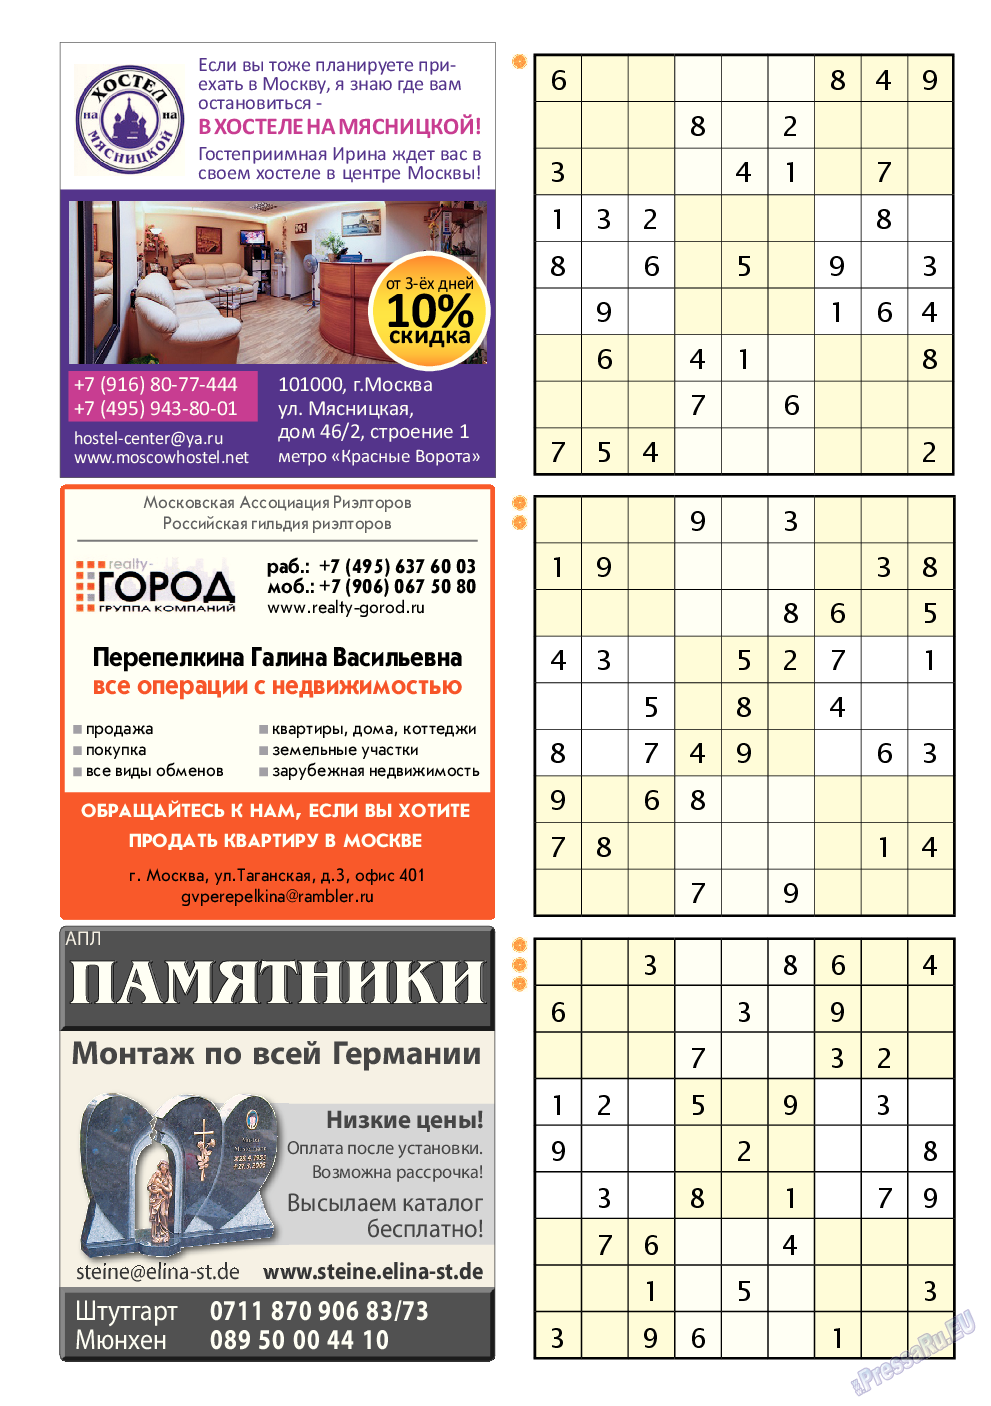 Апельсин (журнал). 2015 год, номер 66, стр. 48